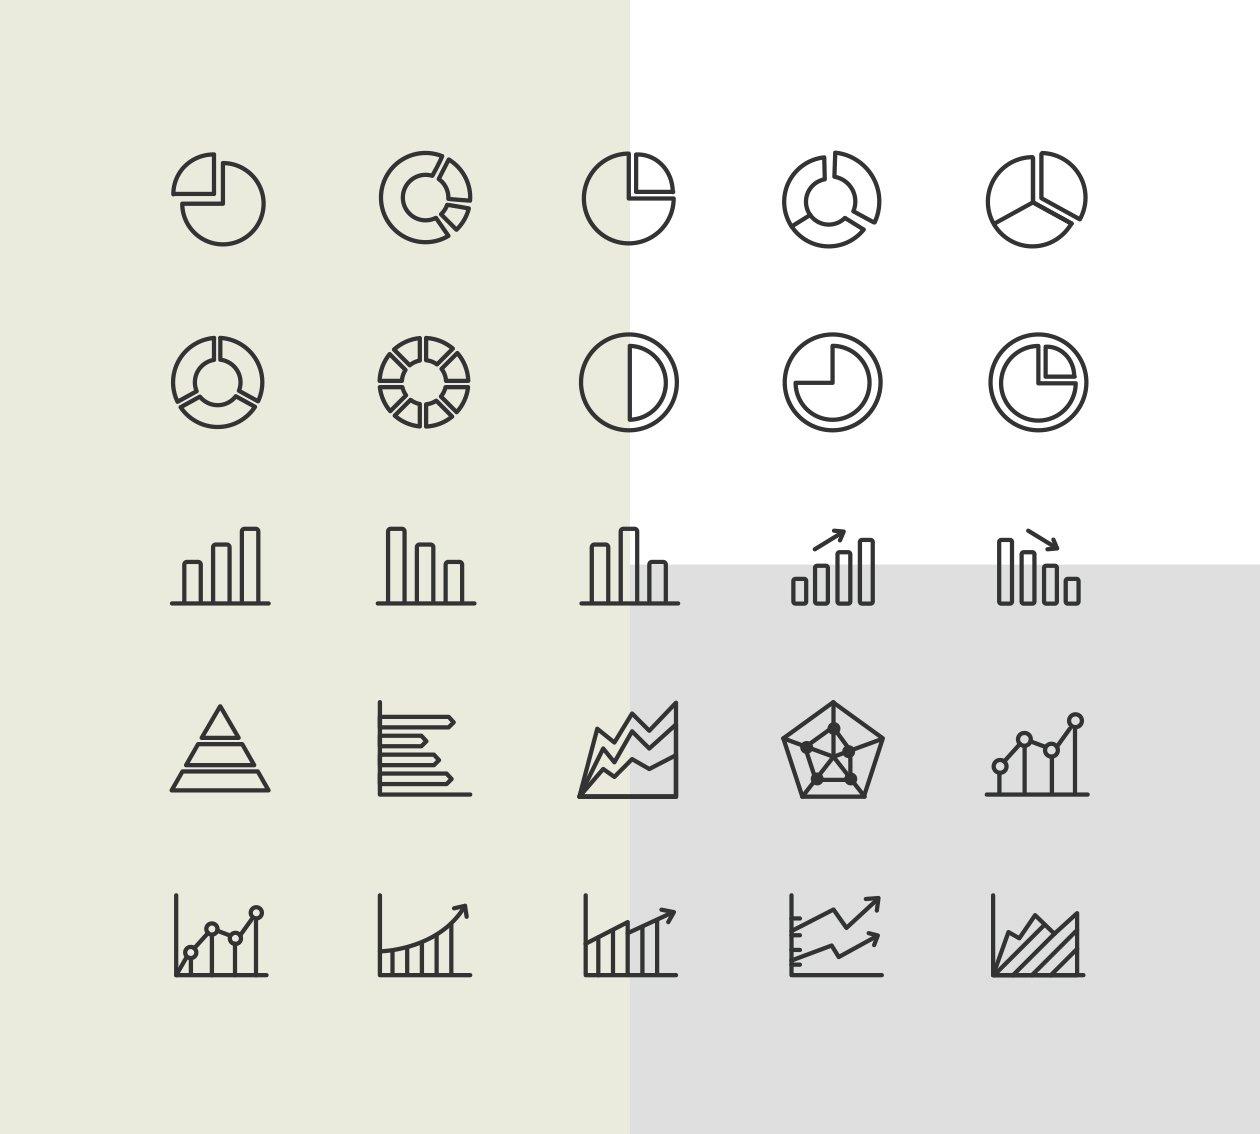 绘制精良的数据统计类图标下载[for Ai]